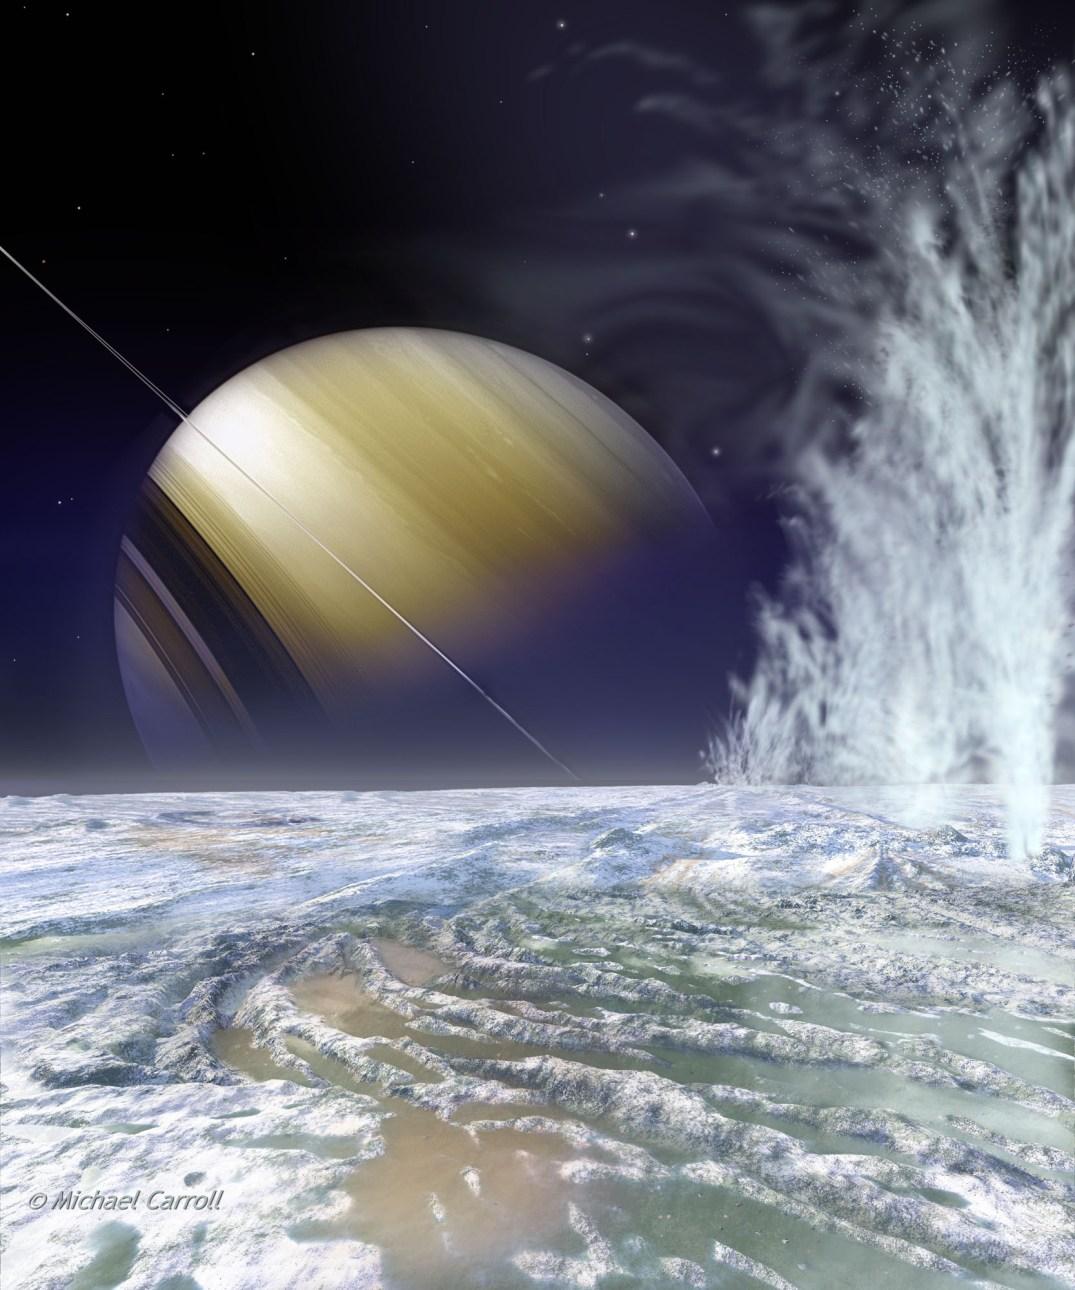 http://i0.wp.com/eternosaprendizes.com/wp-content/uploads/2008/10/enceladus-por-michael-carroll.jpg?resize=1075%2C1290